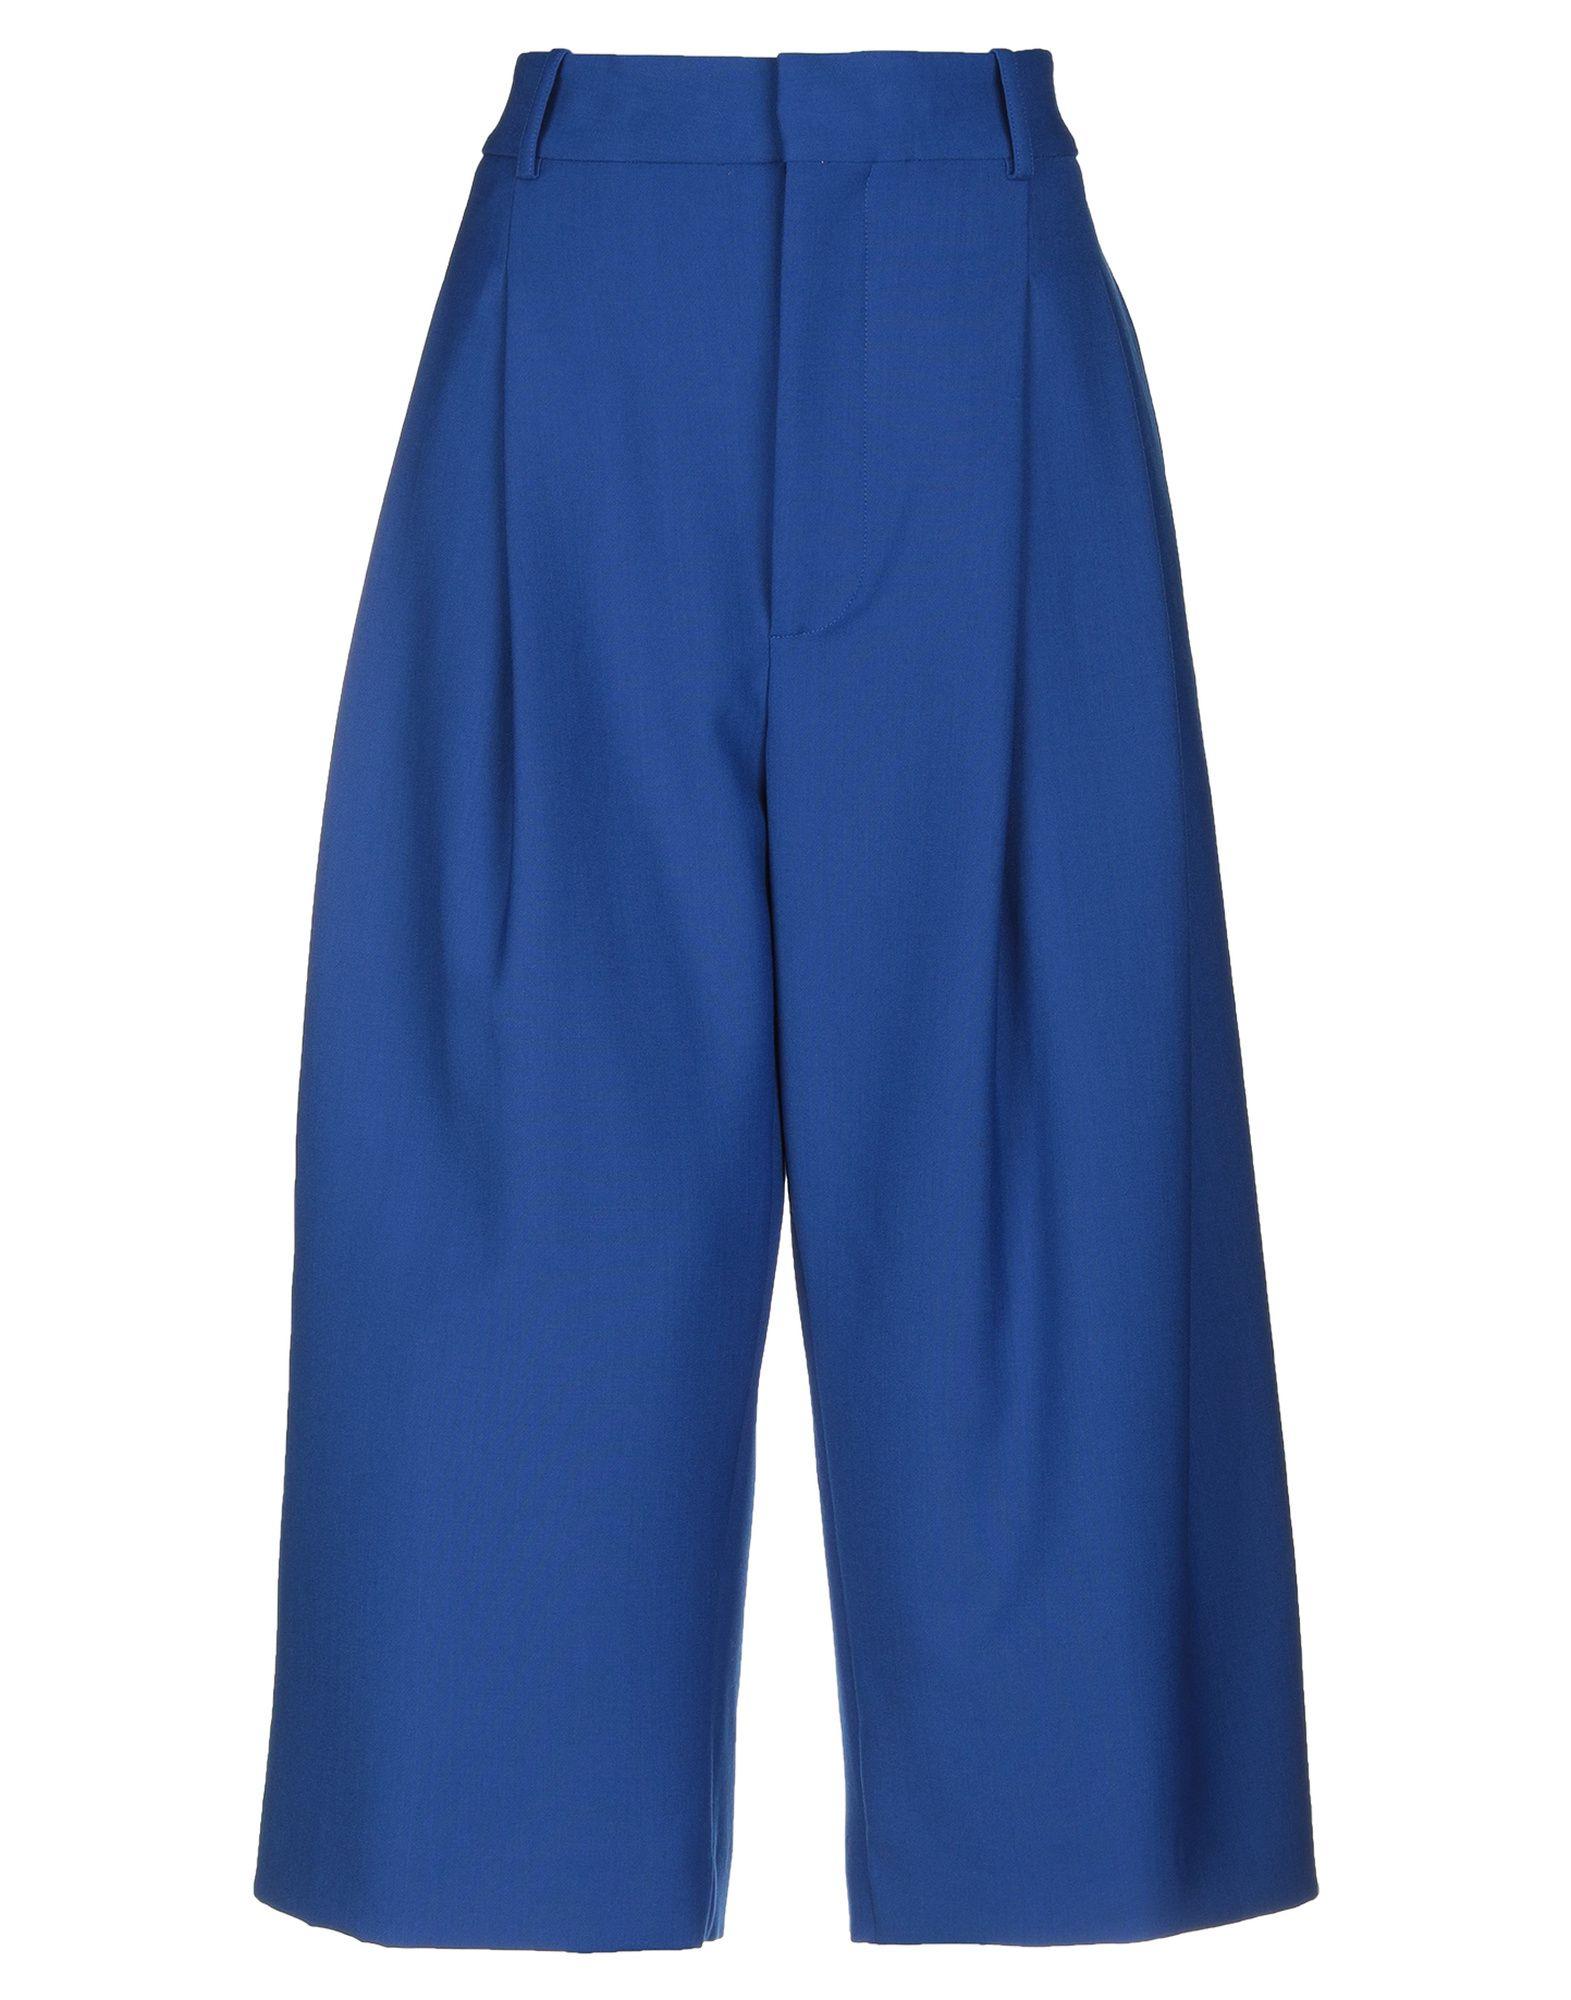 Pantalone Classico Marni damen - 13285215XV